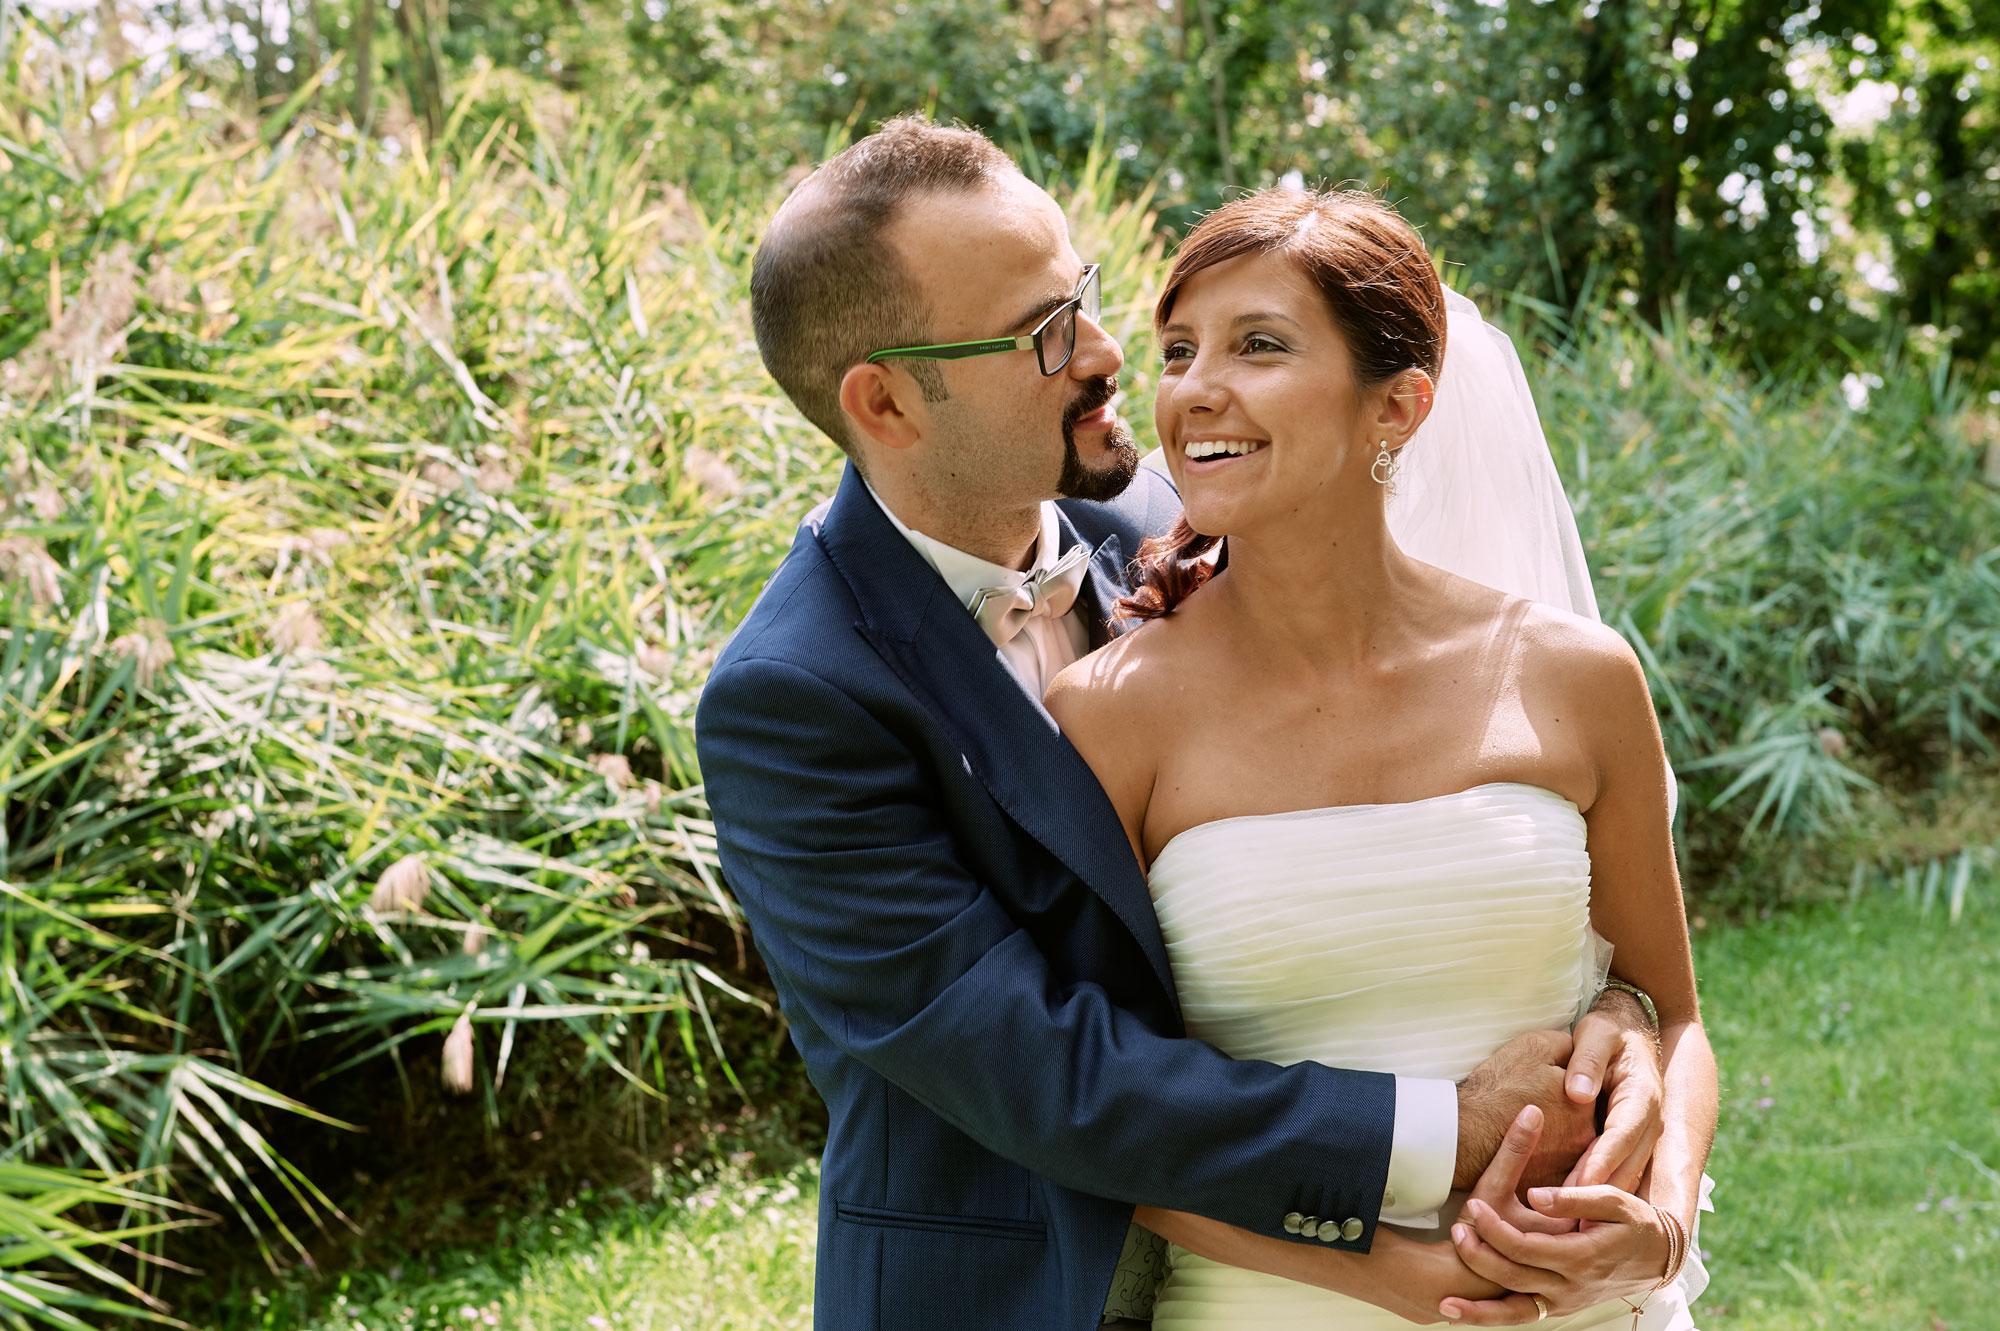 19-ivano_di_maria_fotografo_matrimonio_ erica_vito